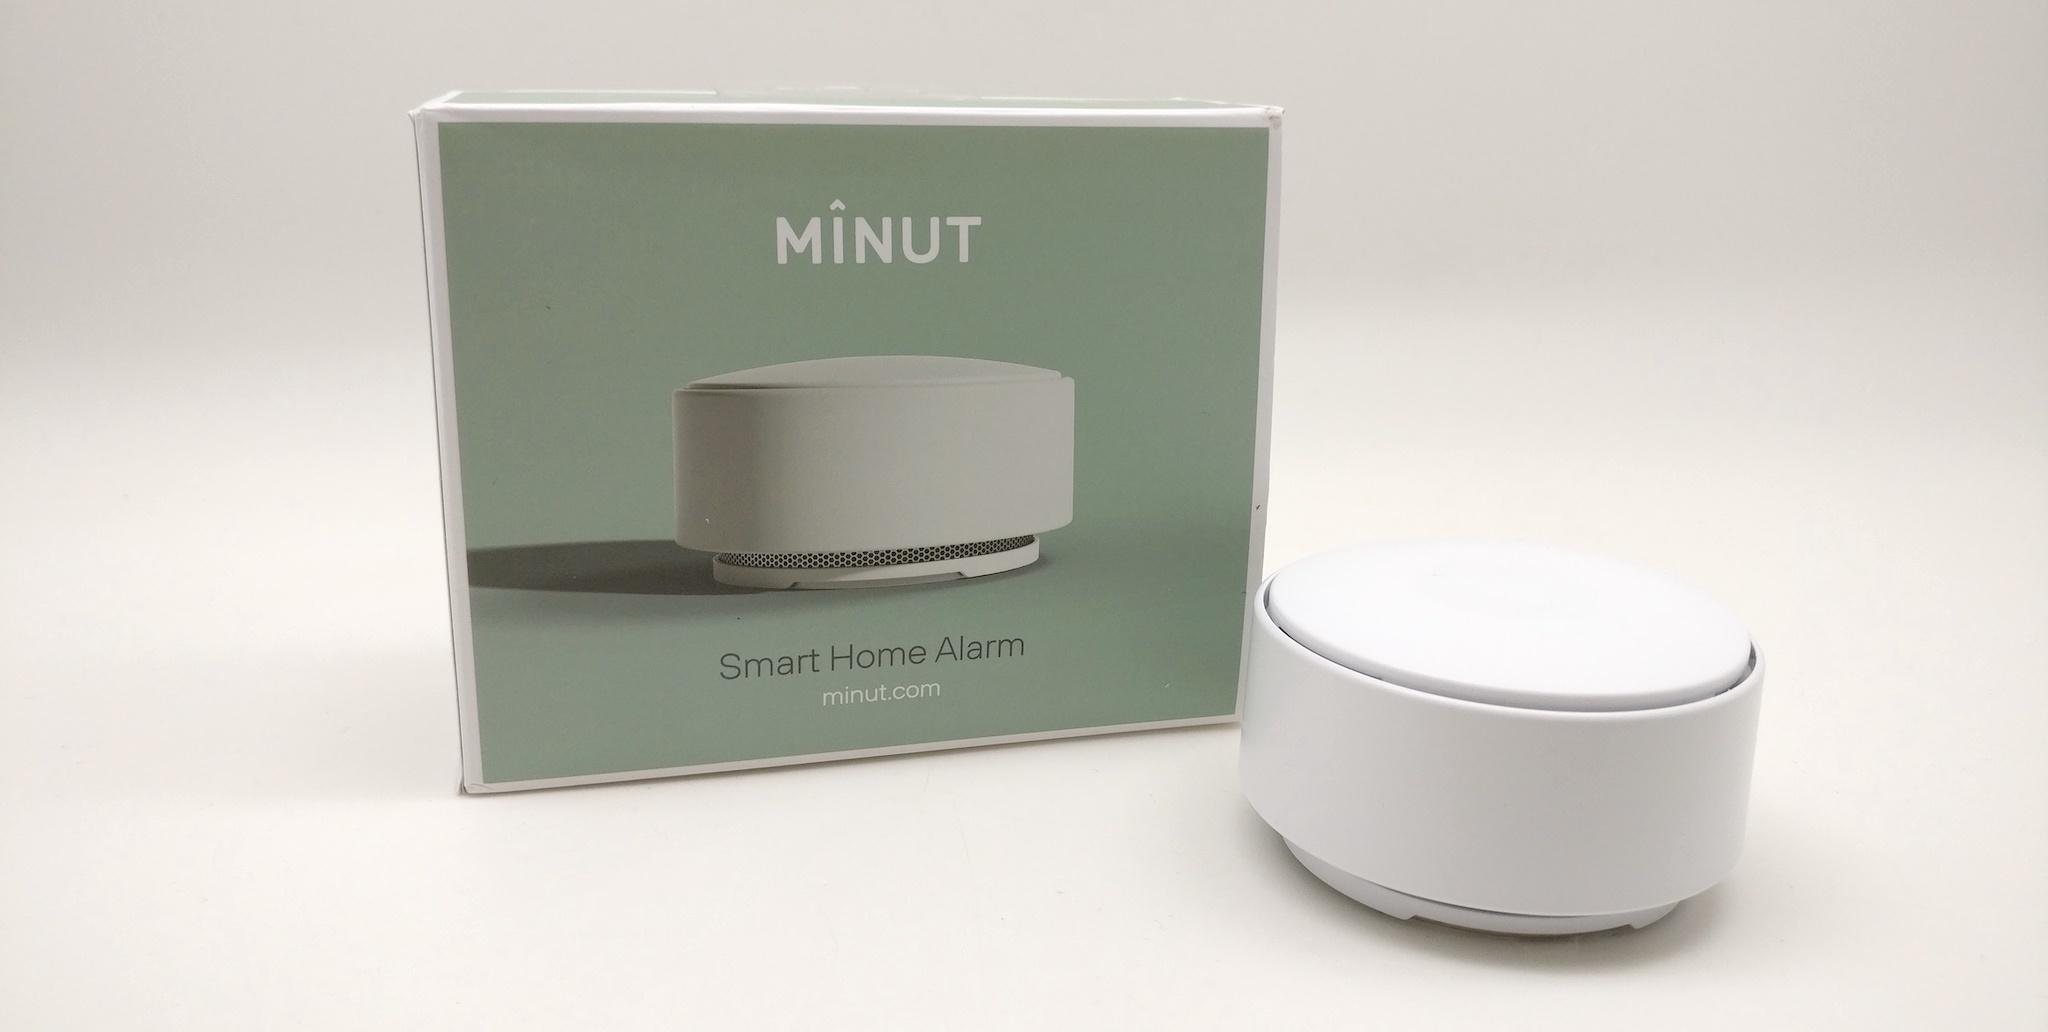 #Test de l'alarme sans fil connectée Mînut